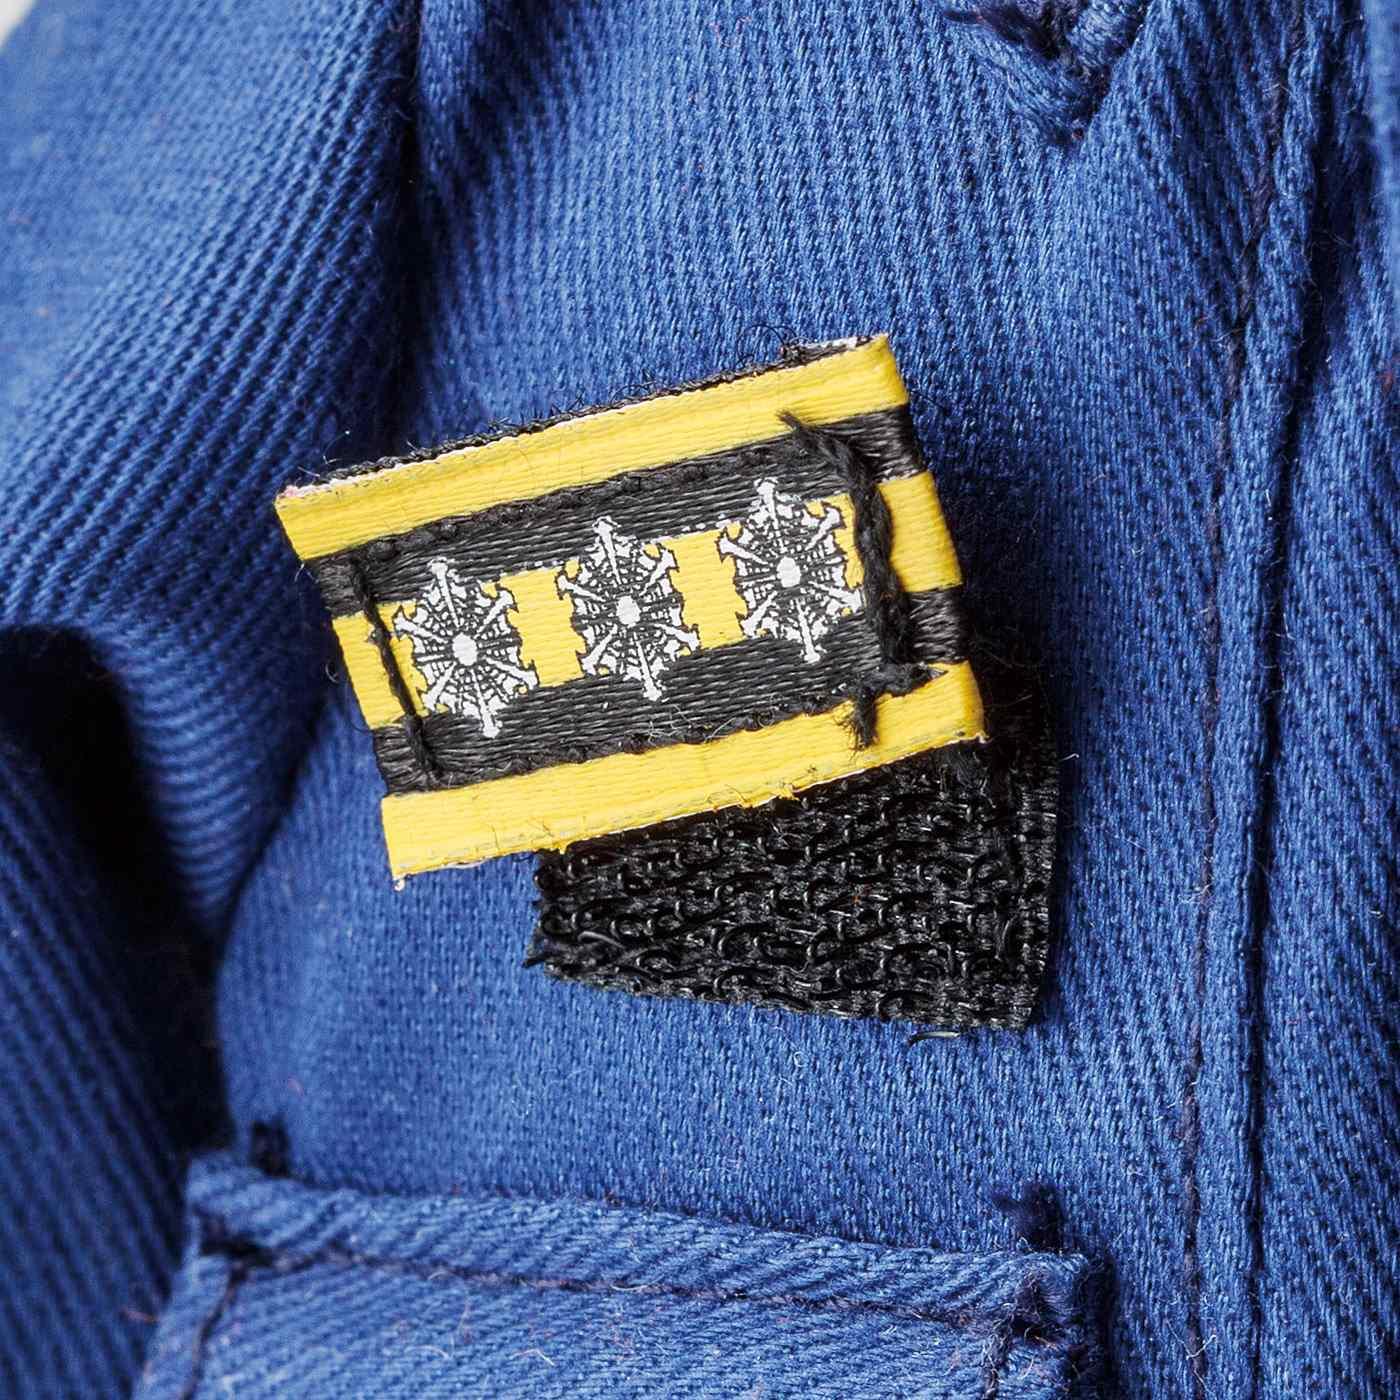 消防士階級章と名札は面テープ仕様。取り外しが可能です。